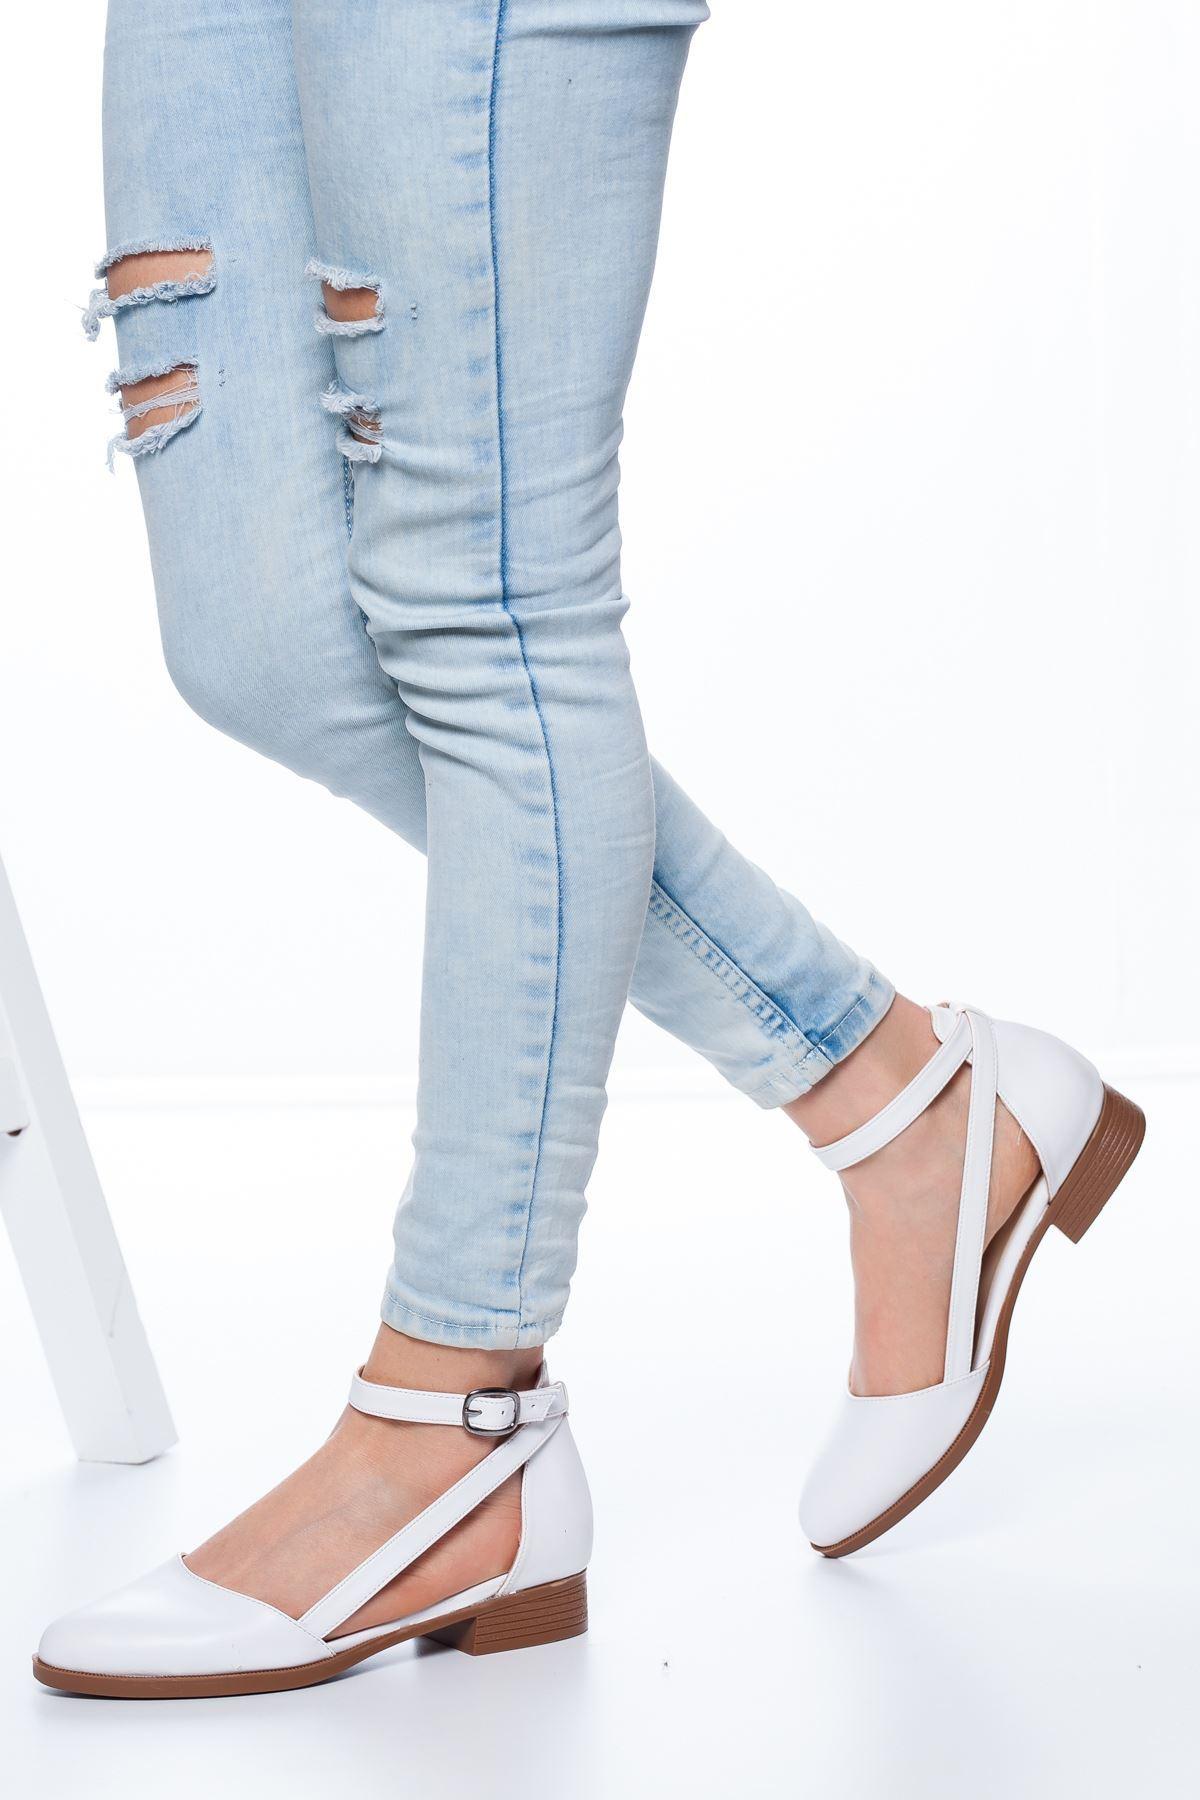 Polin Kısa Topuklu Ayakkabı Beyaz